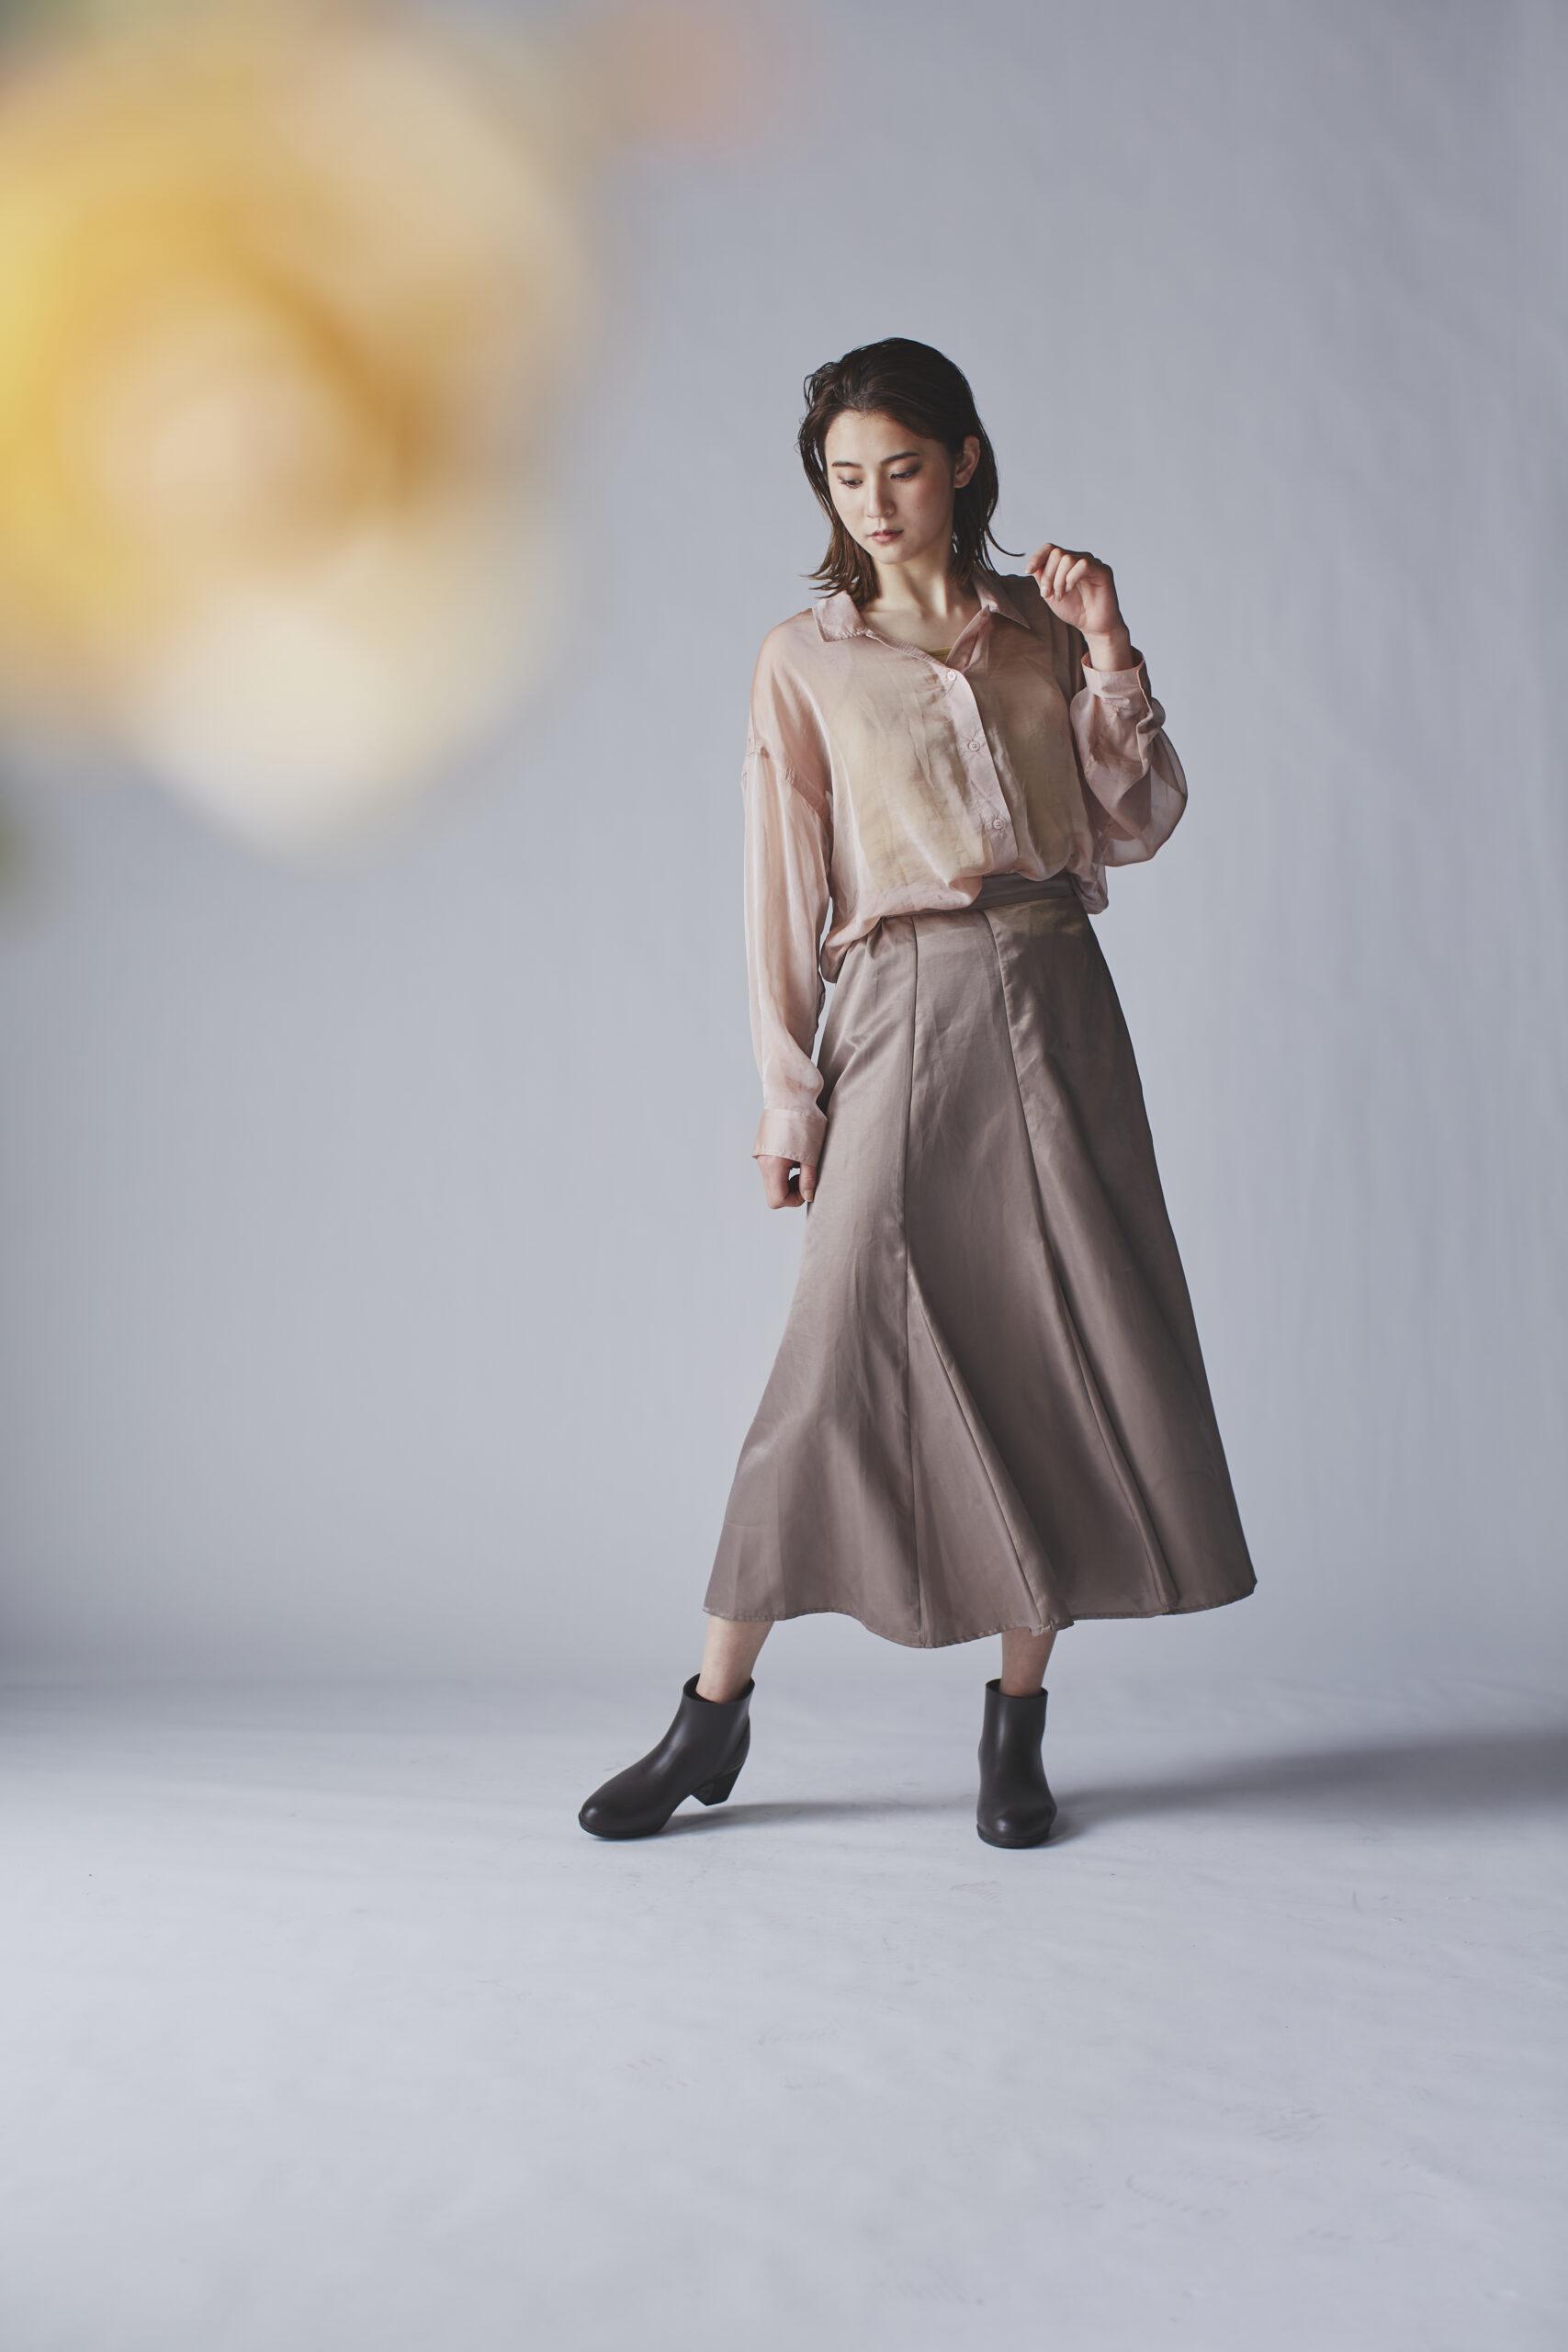 ヒール女子には持ってこいのアイテムのヒール付きのおしゃれアスレジャーコーデが組めるレインブーツ・長靴